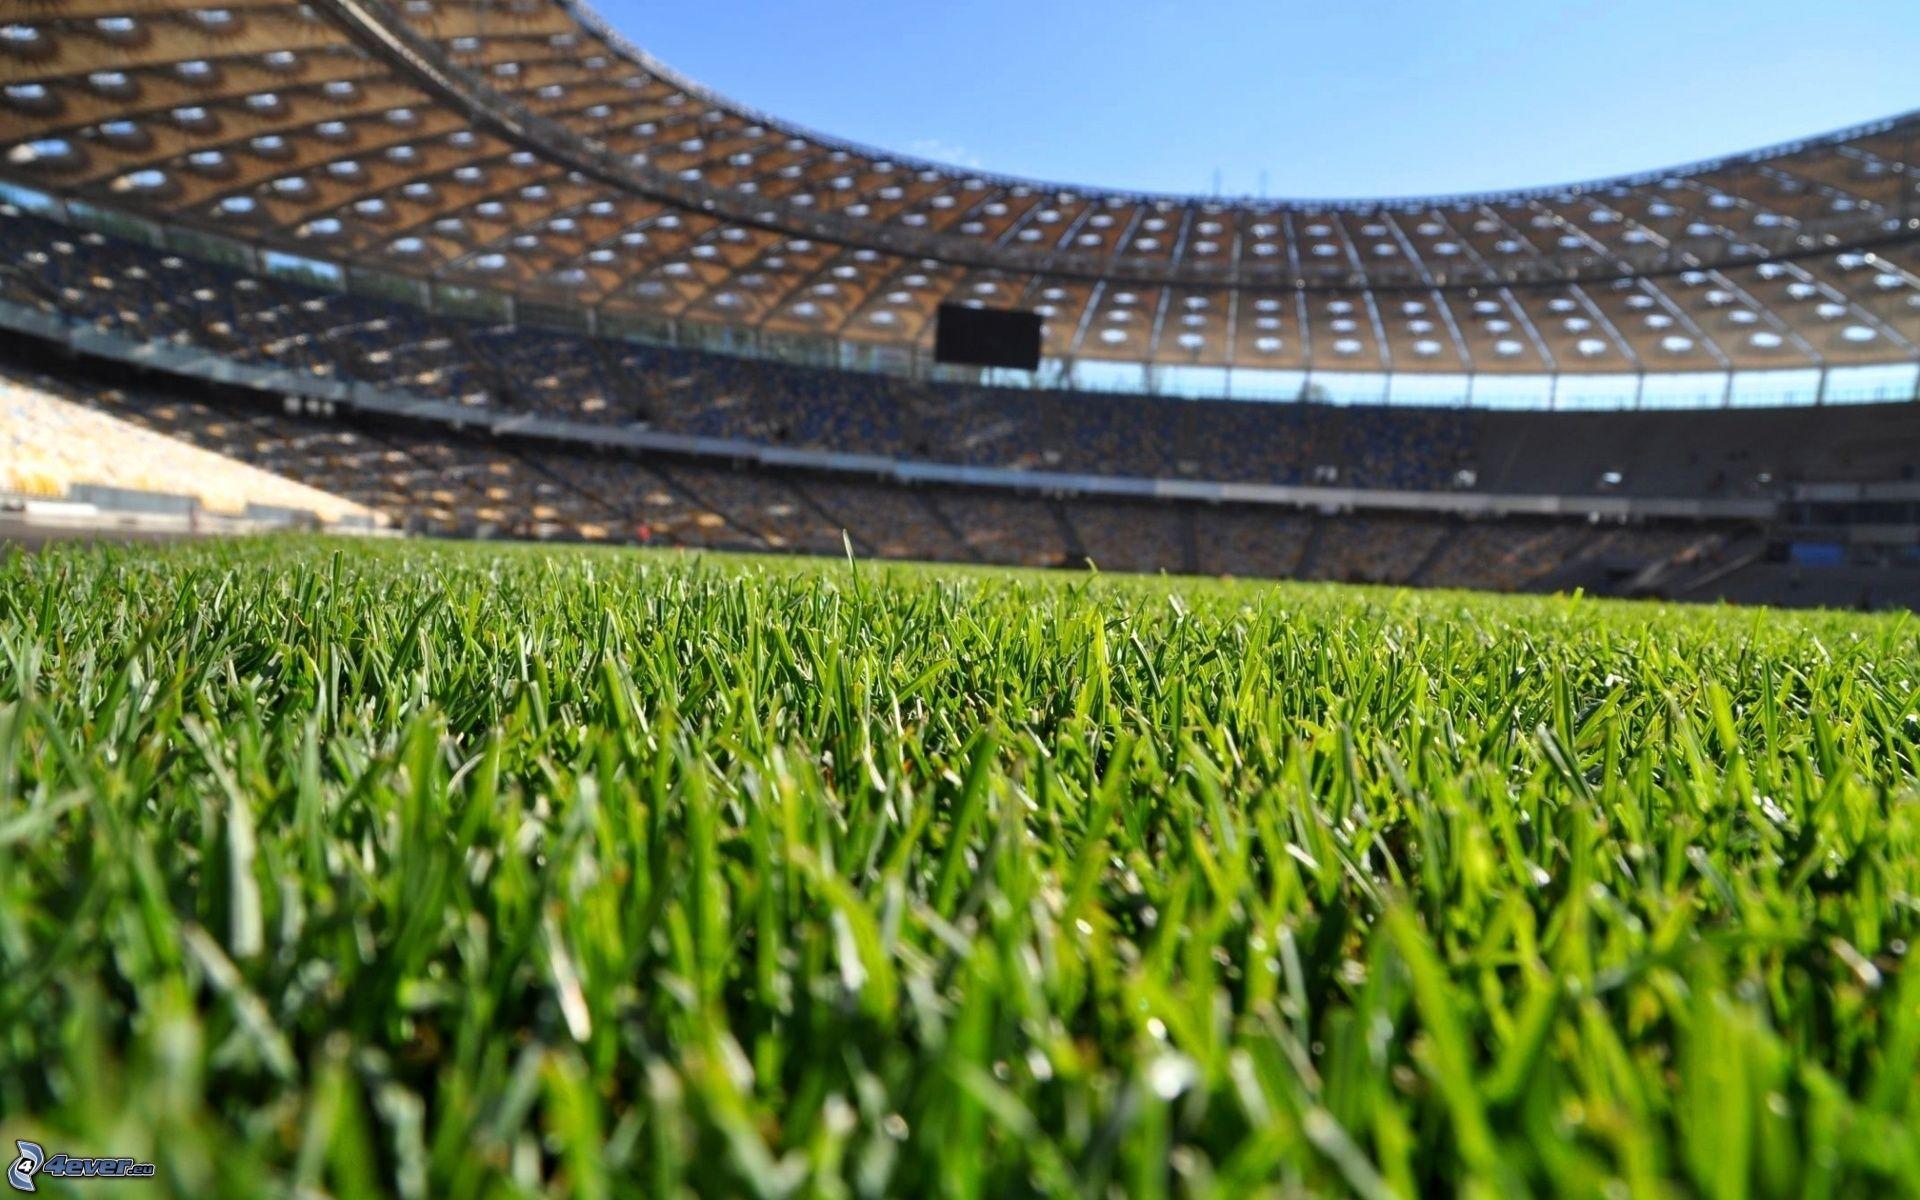 Euro 2016: stadi vuoti contro il terrorismo